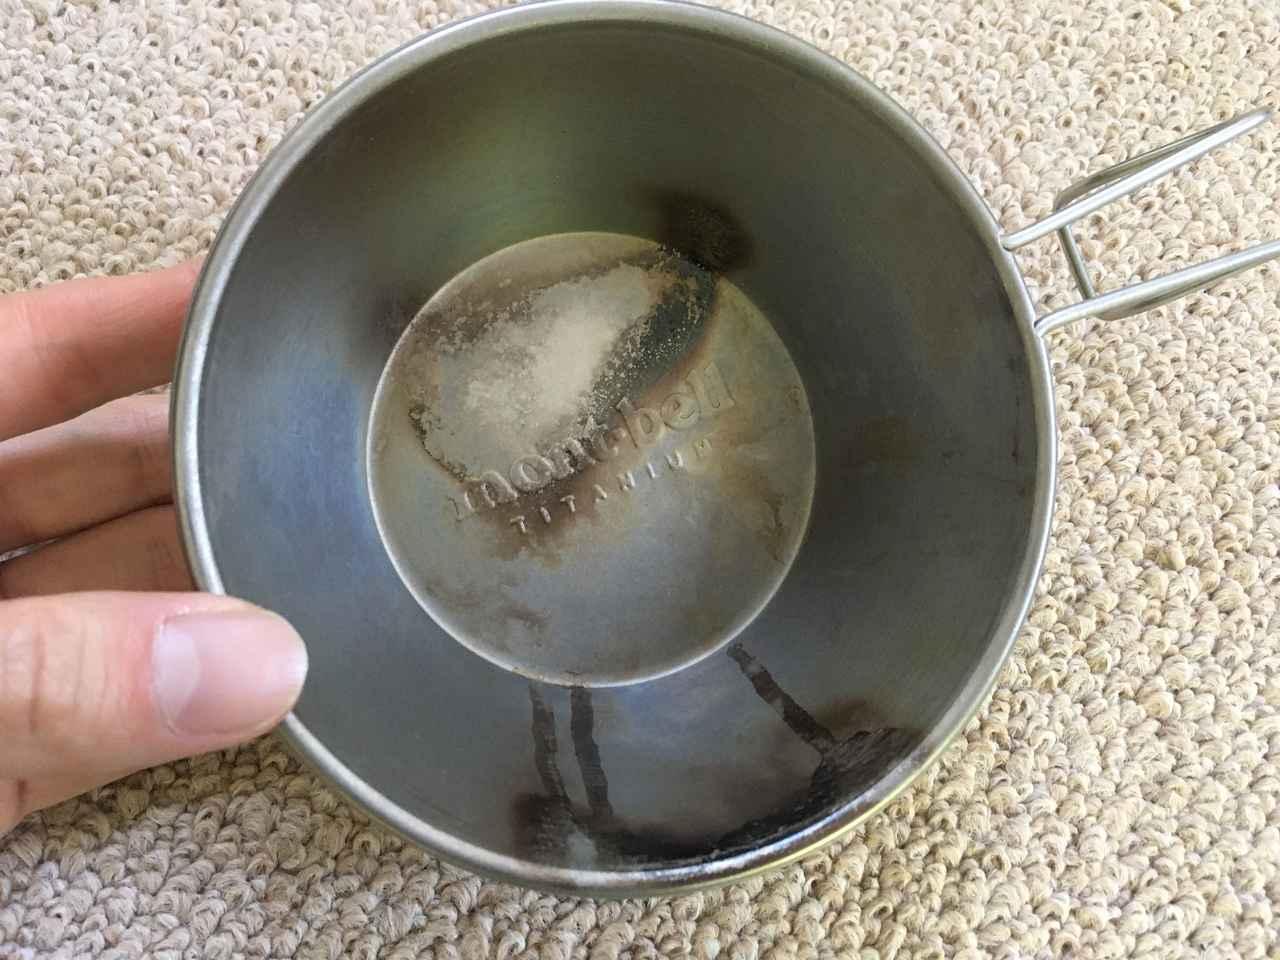 画像: 筆者撮影:燻製後に味が出てしまったモンベルのチタンシェラカップ